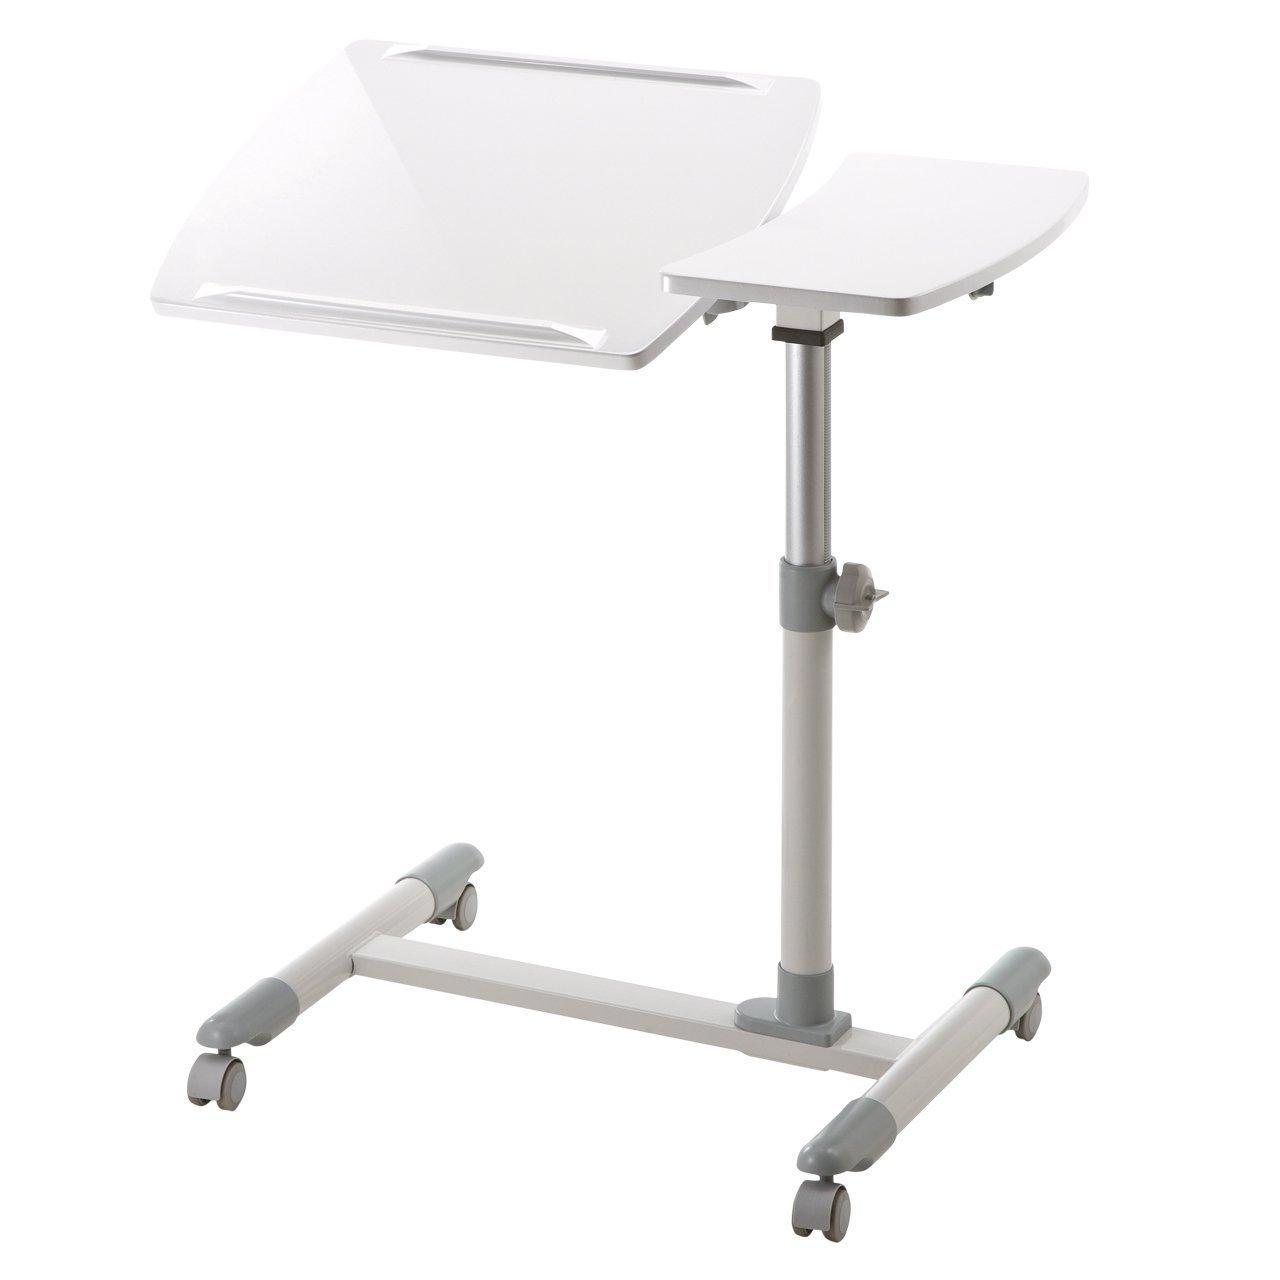 小巧便捷!山业 懒人桌 床边桌 笔记本升降多功能桌 DESK040 好价起包邮(需用码)229元